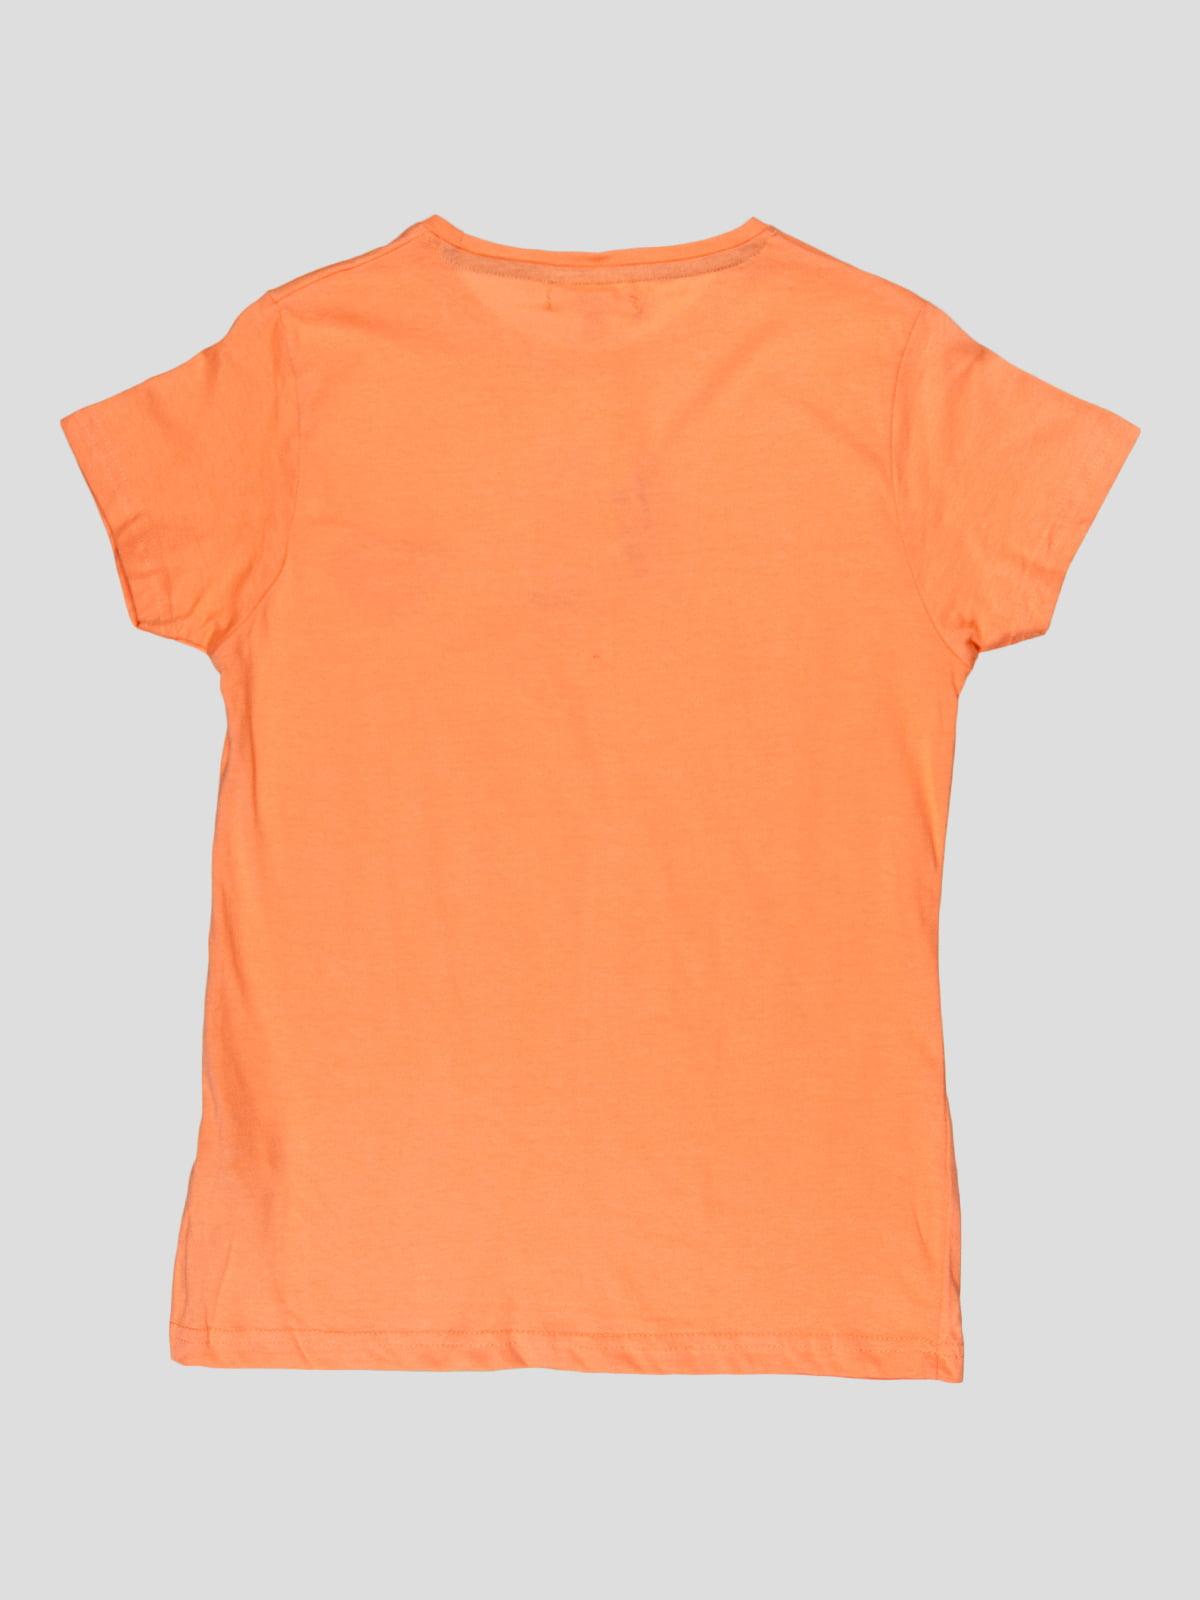 Футболка помаранчева з принтом | 5082227 | фото 2